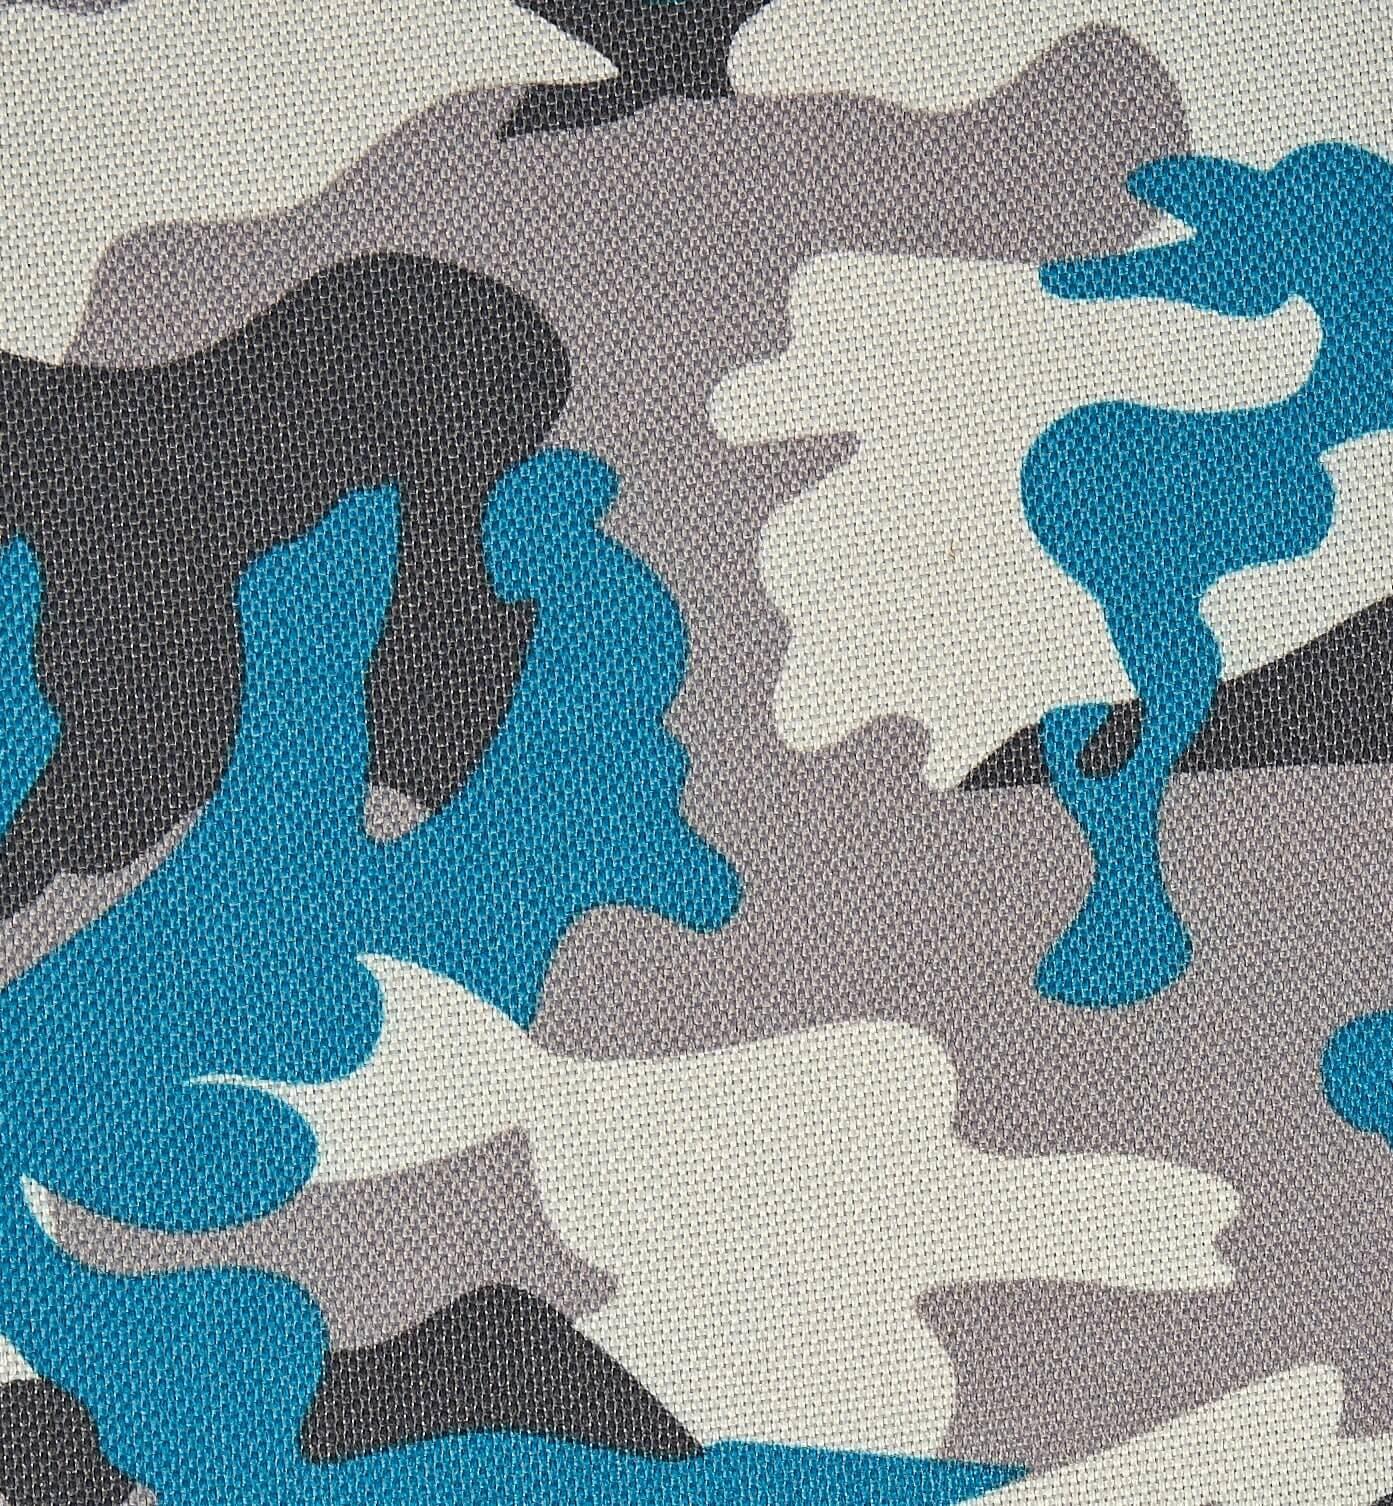 speelkleed in aqua camouflage print van kidz impulz